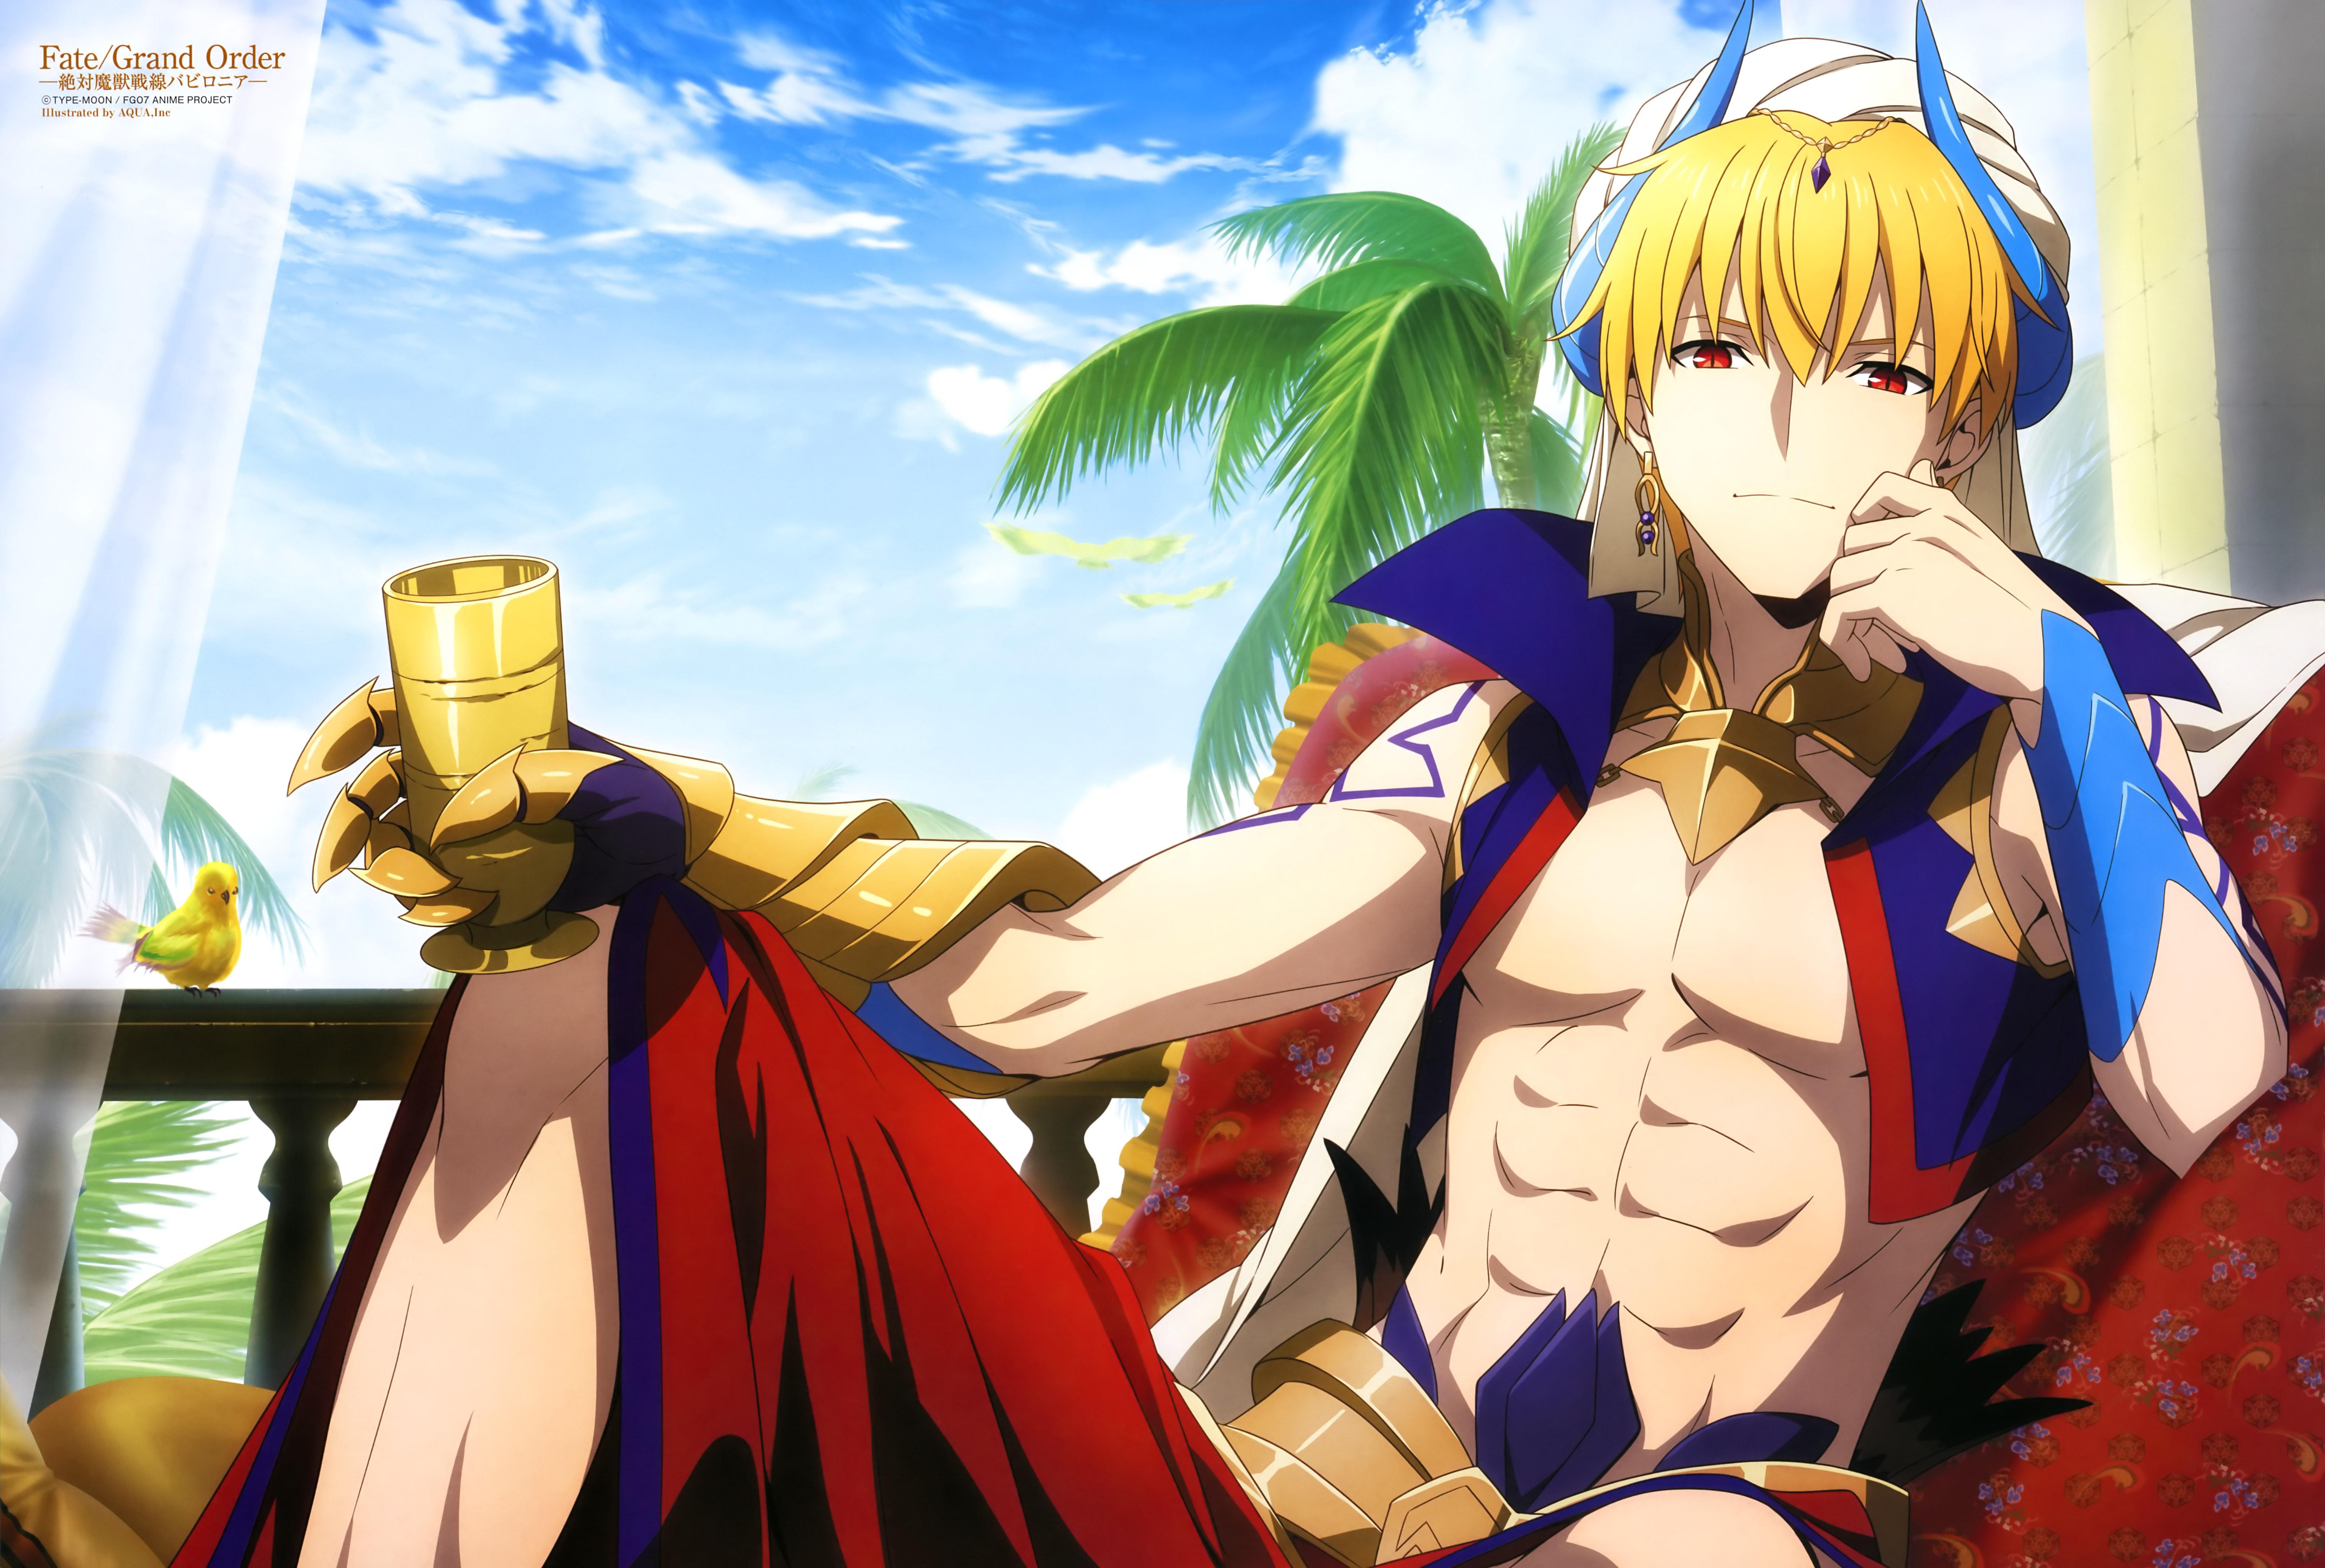 Fate Grand Order Zettai Majuu Sensen Babylonia Zerochan Anime Image Board